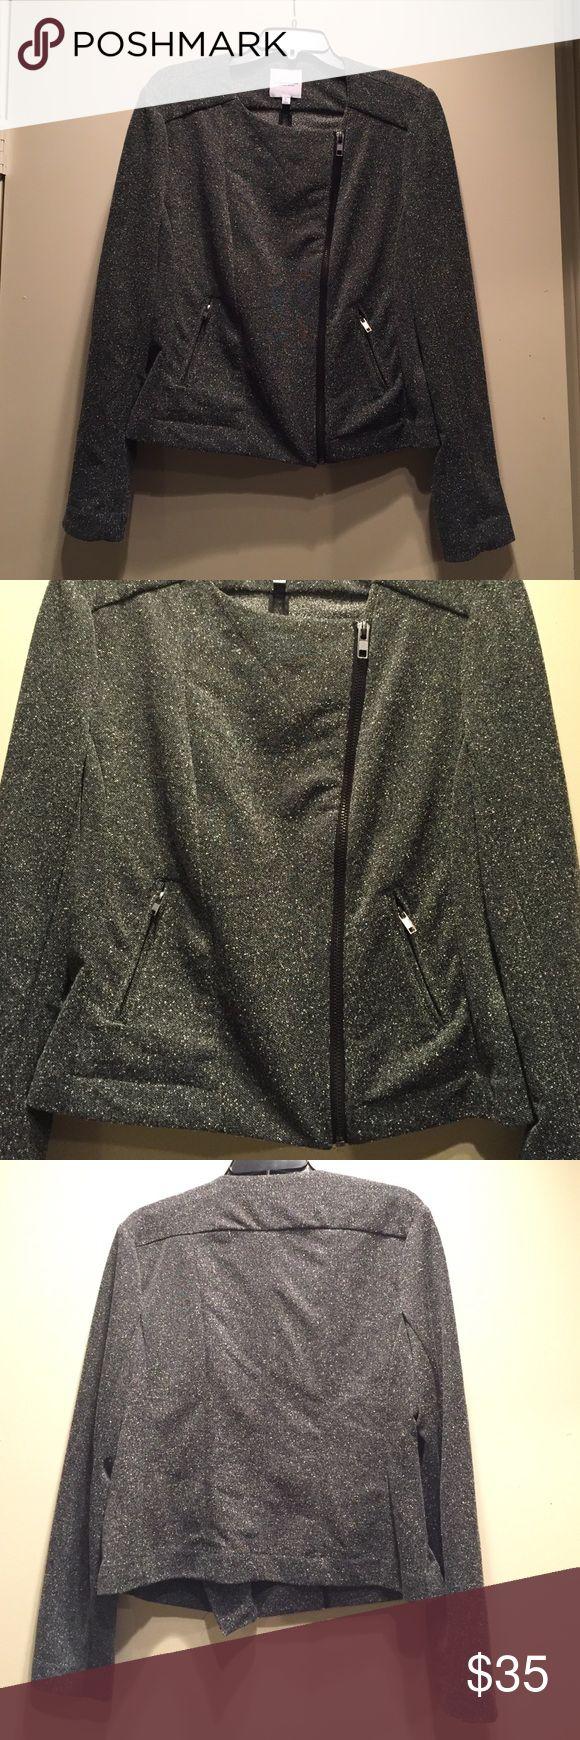 Catherine Malandrino jacket. Beautiful Catherine Malandrino runway style jacket. Catherine Malandrino Jackets & Coats Blazers